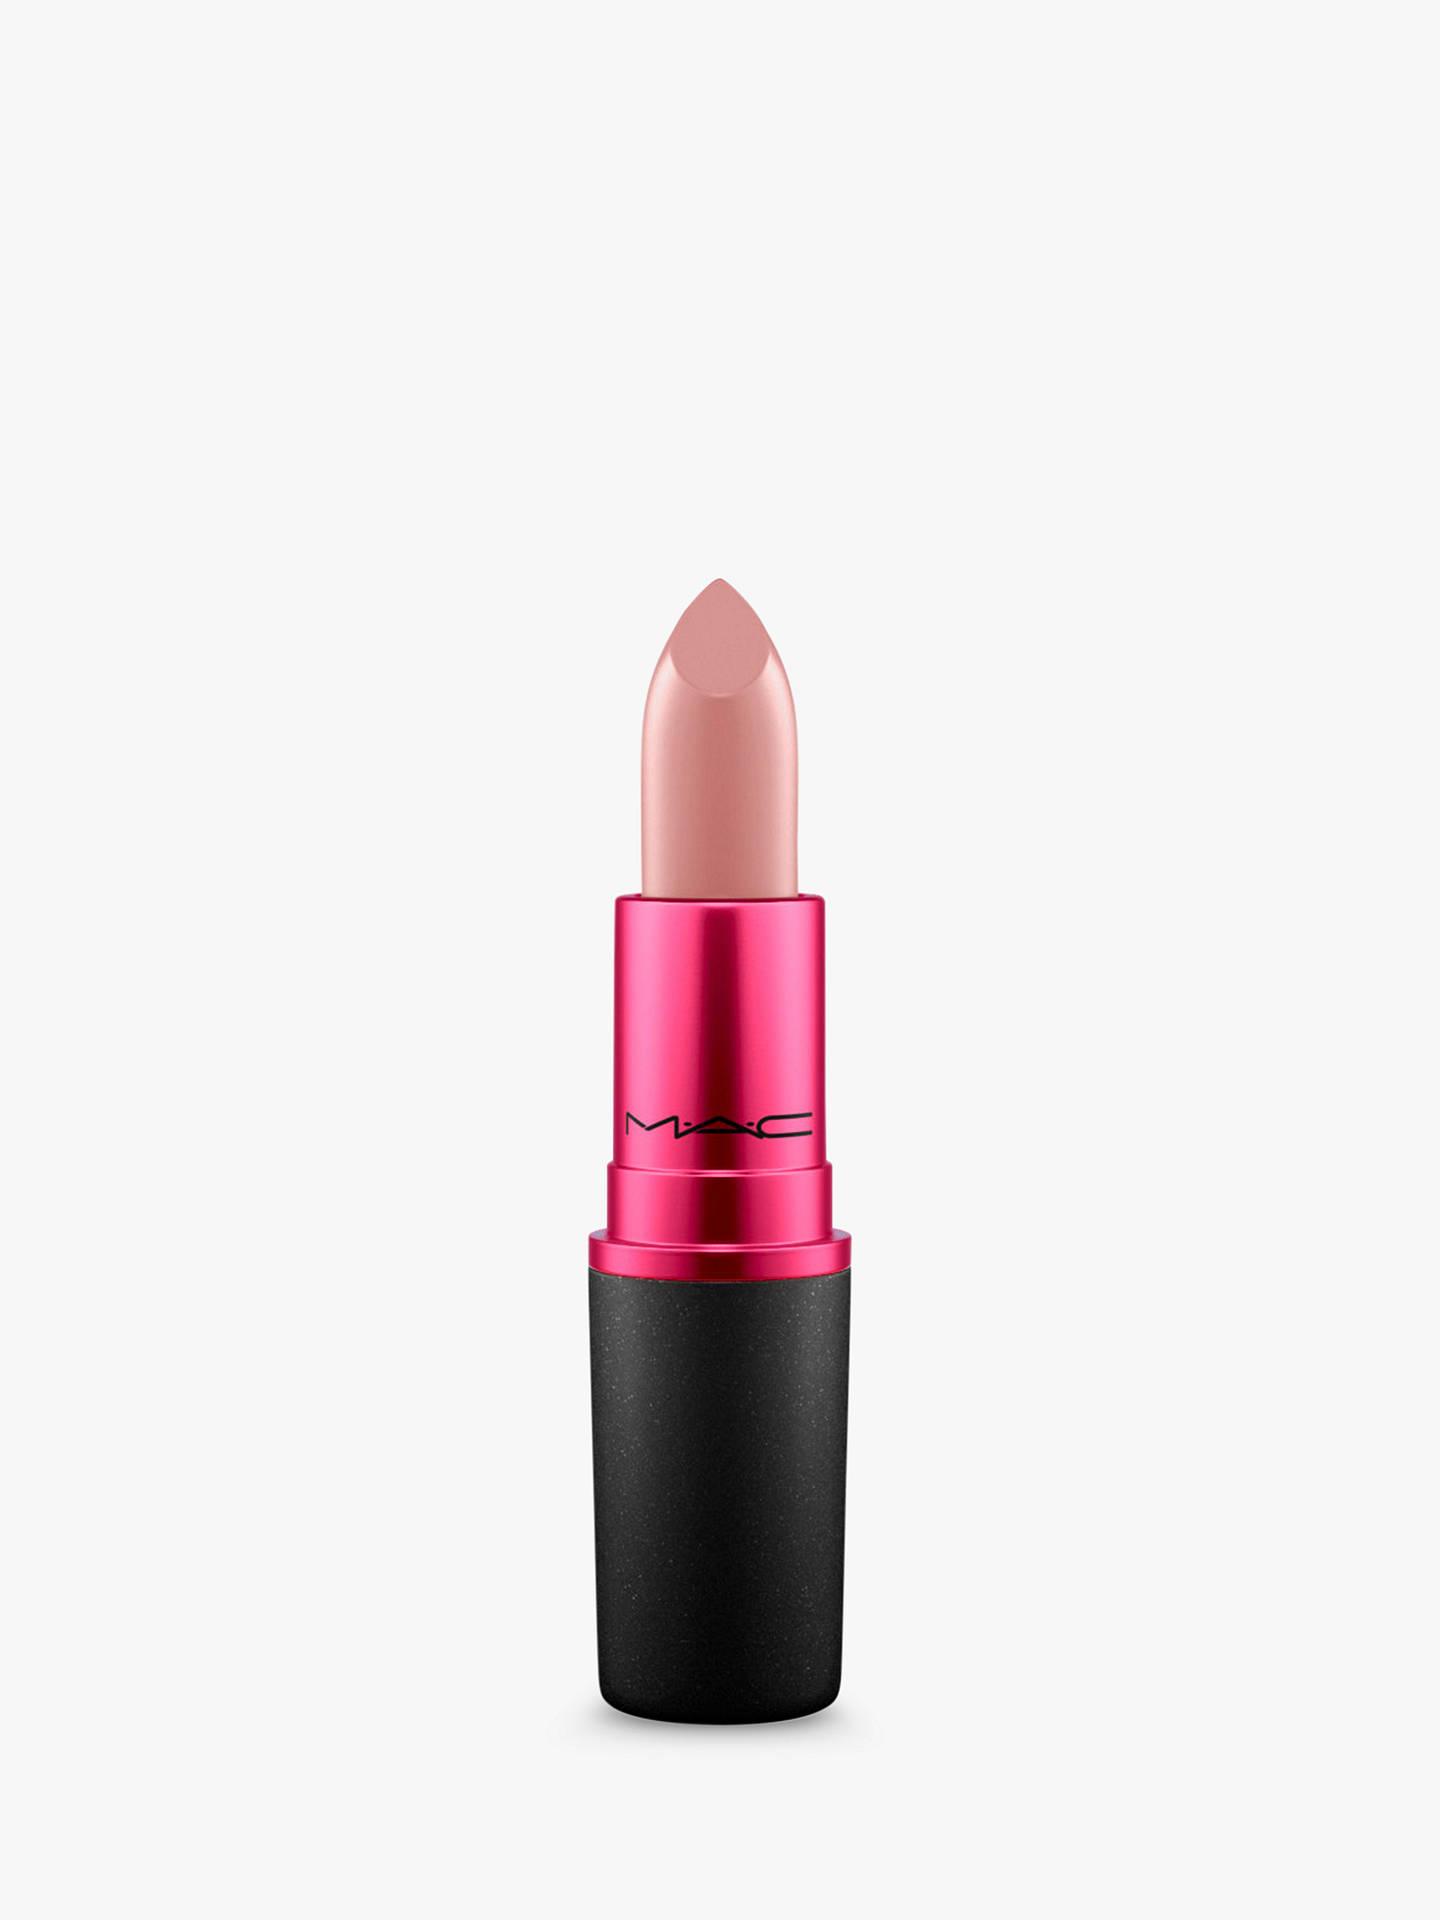 MAC Viva Glam Lipstick at John Lewis